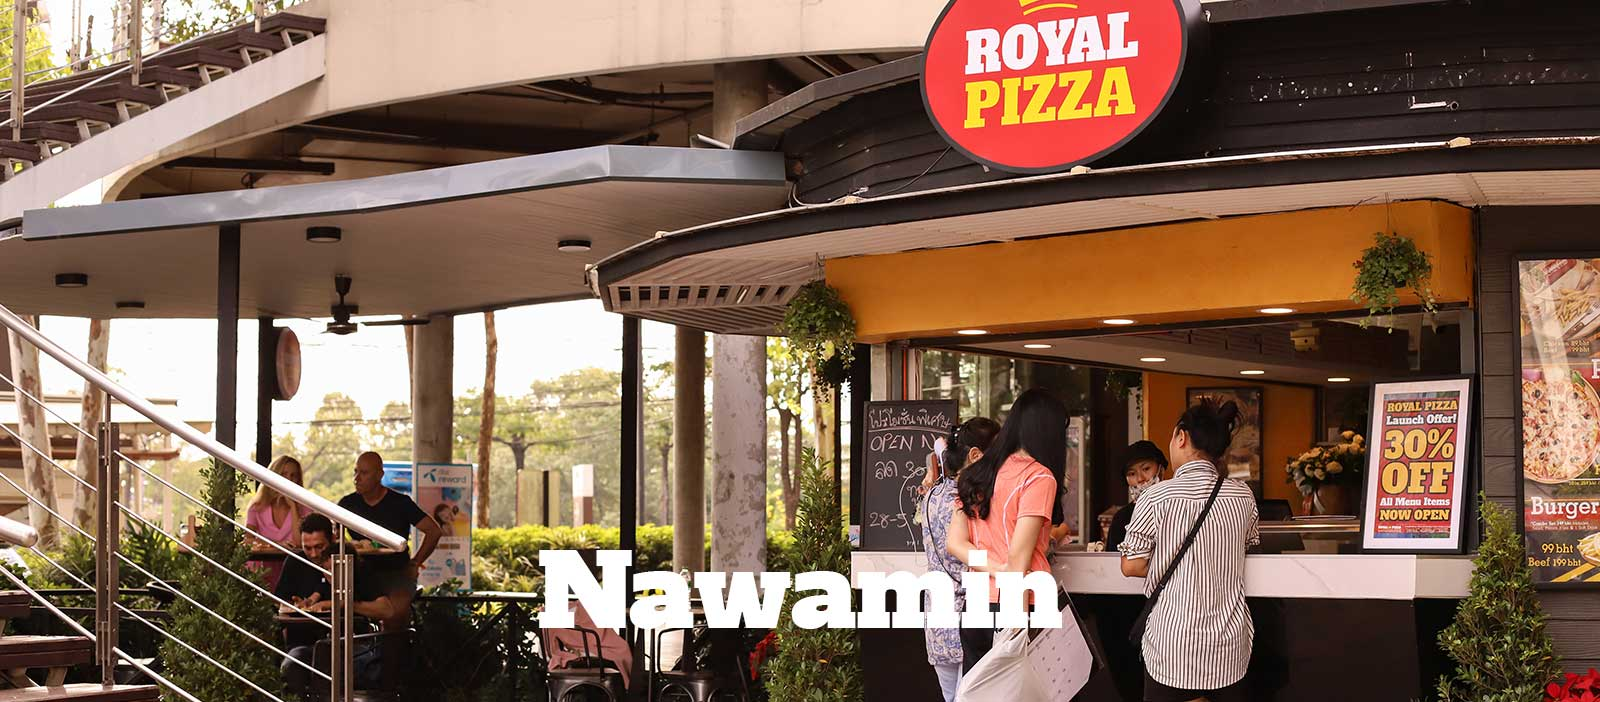 royal pizza co narwamin bangkok